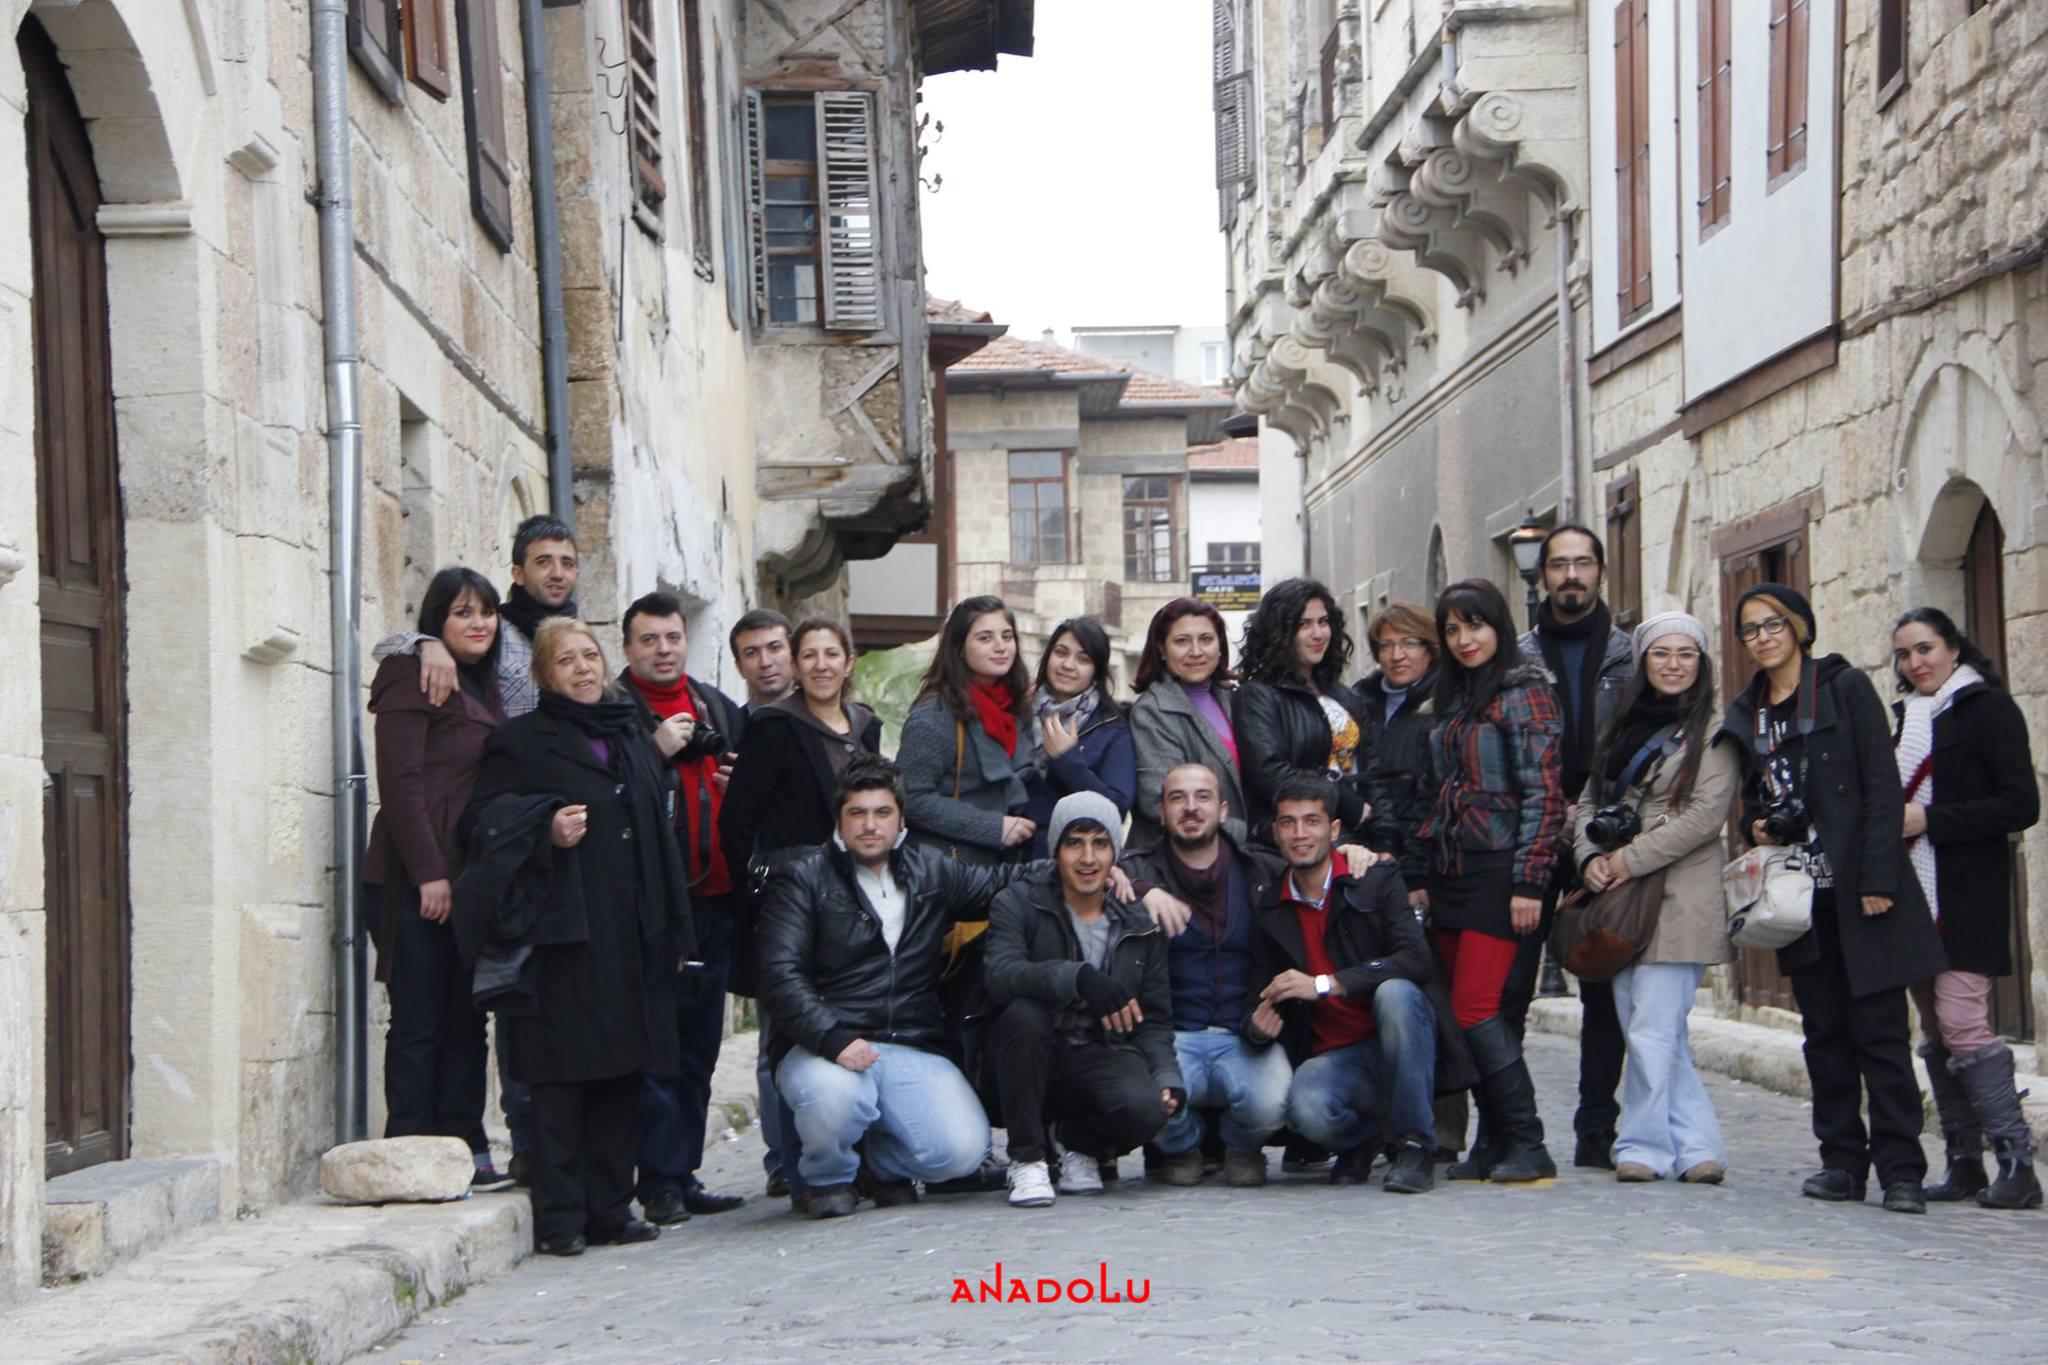 Anadolu Güzel Sanatlar Fotoğraf Gezileri Konyada